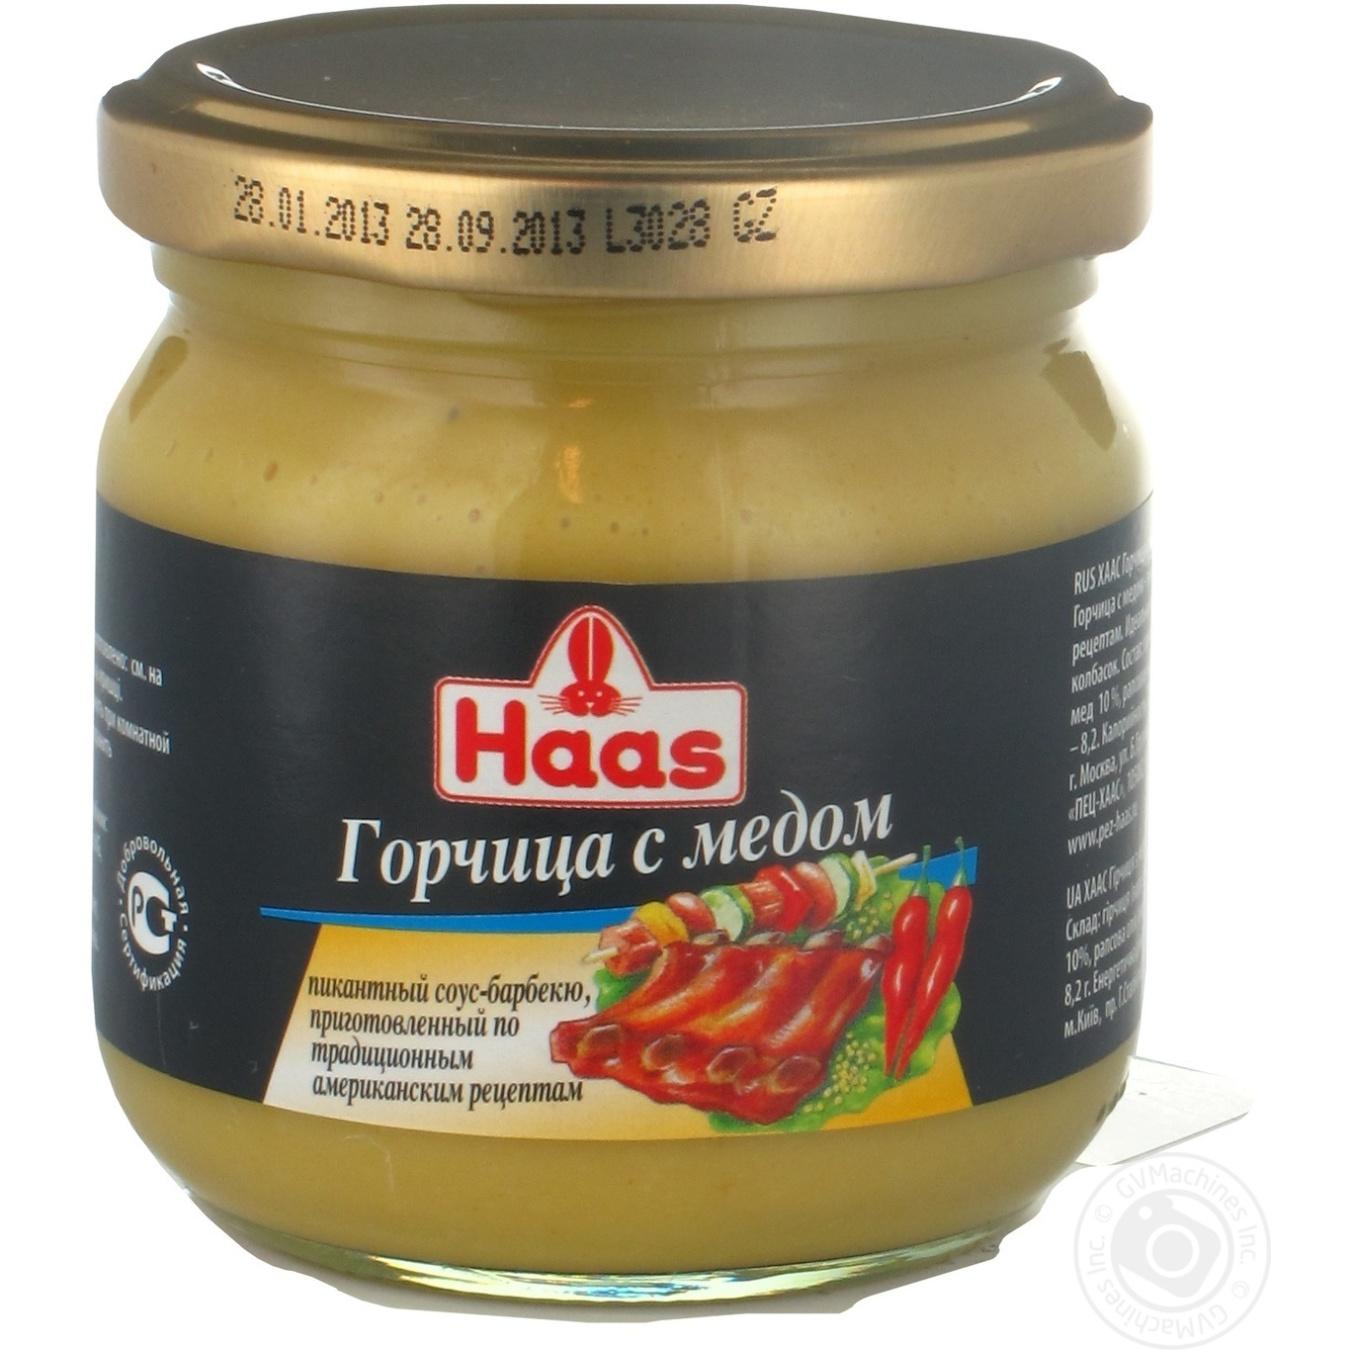 Купить Горчица Haas с медом 215г